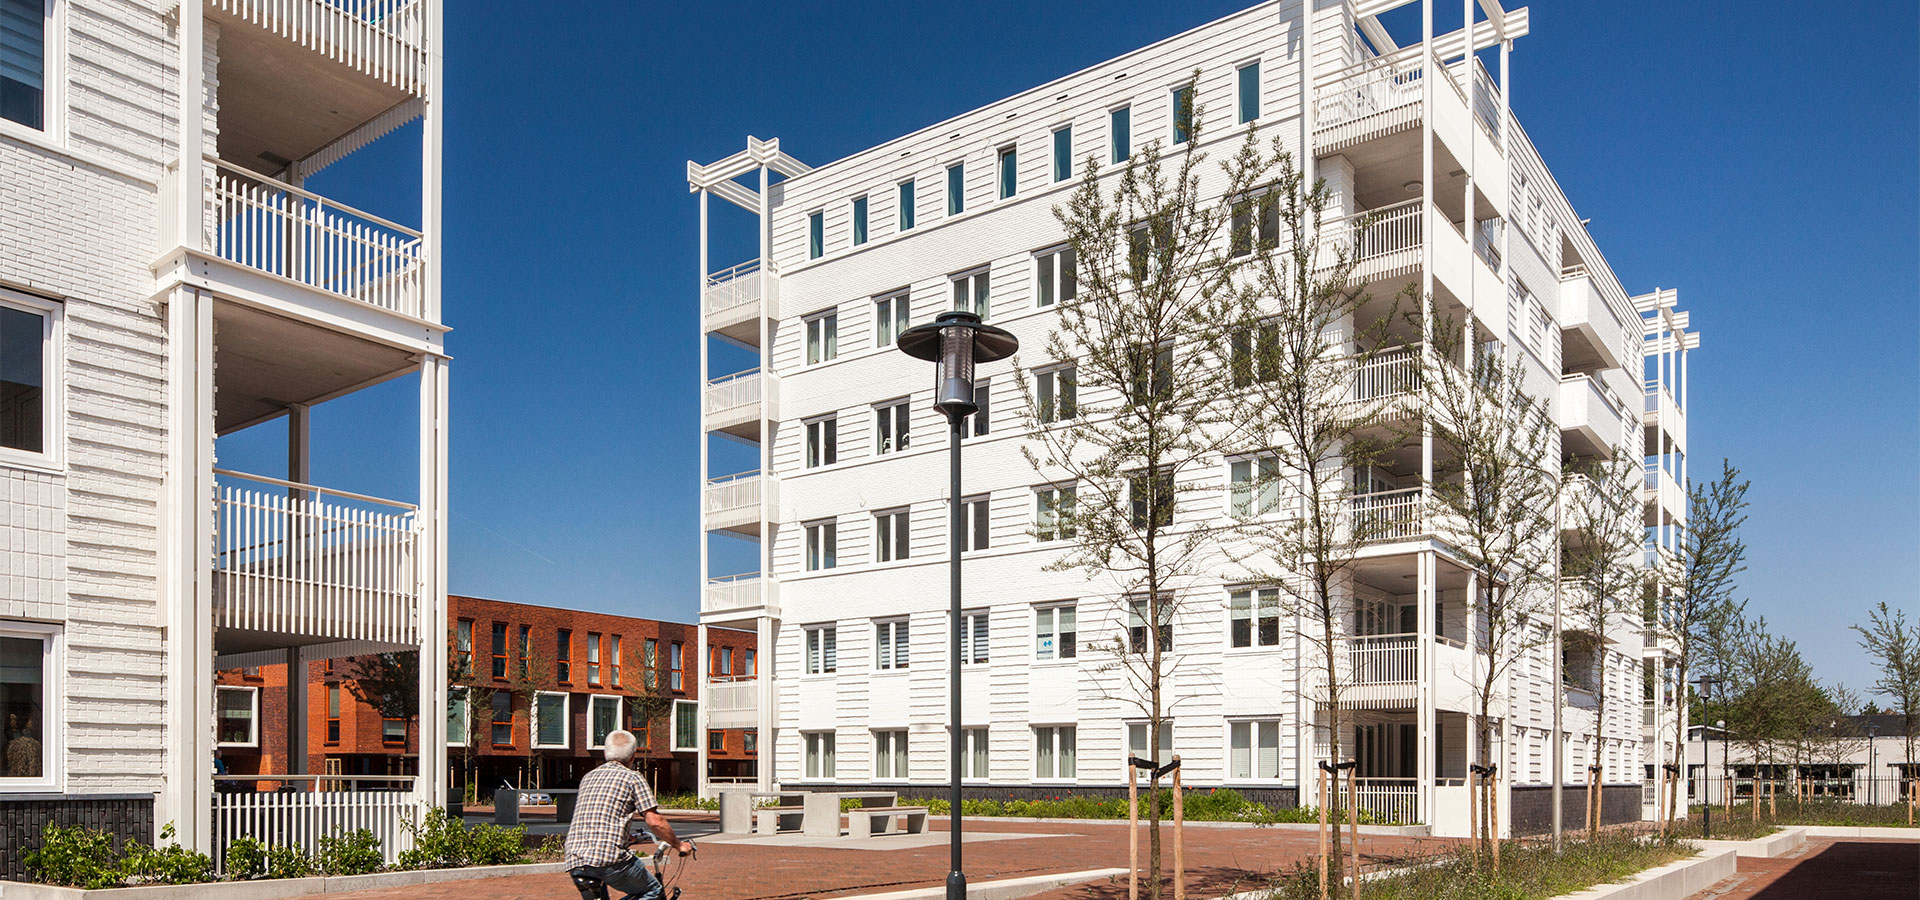 FARO architecten Binnenhaven blok 4 en 5 IJmuiden 07